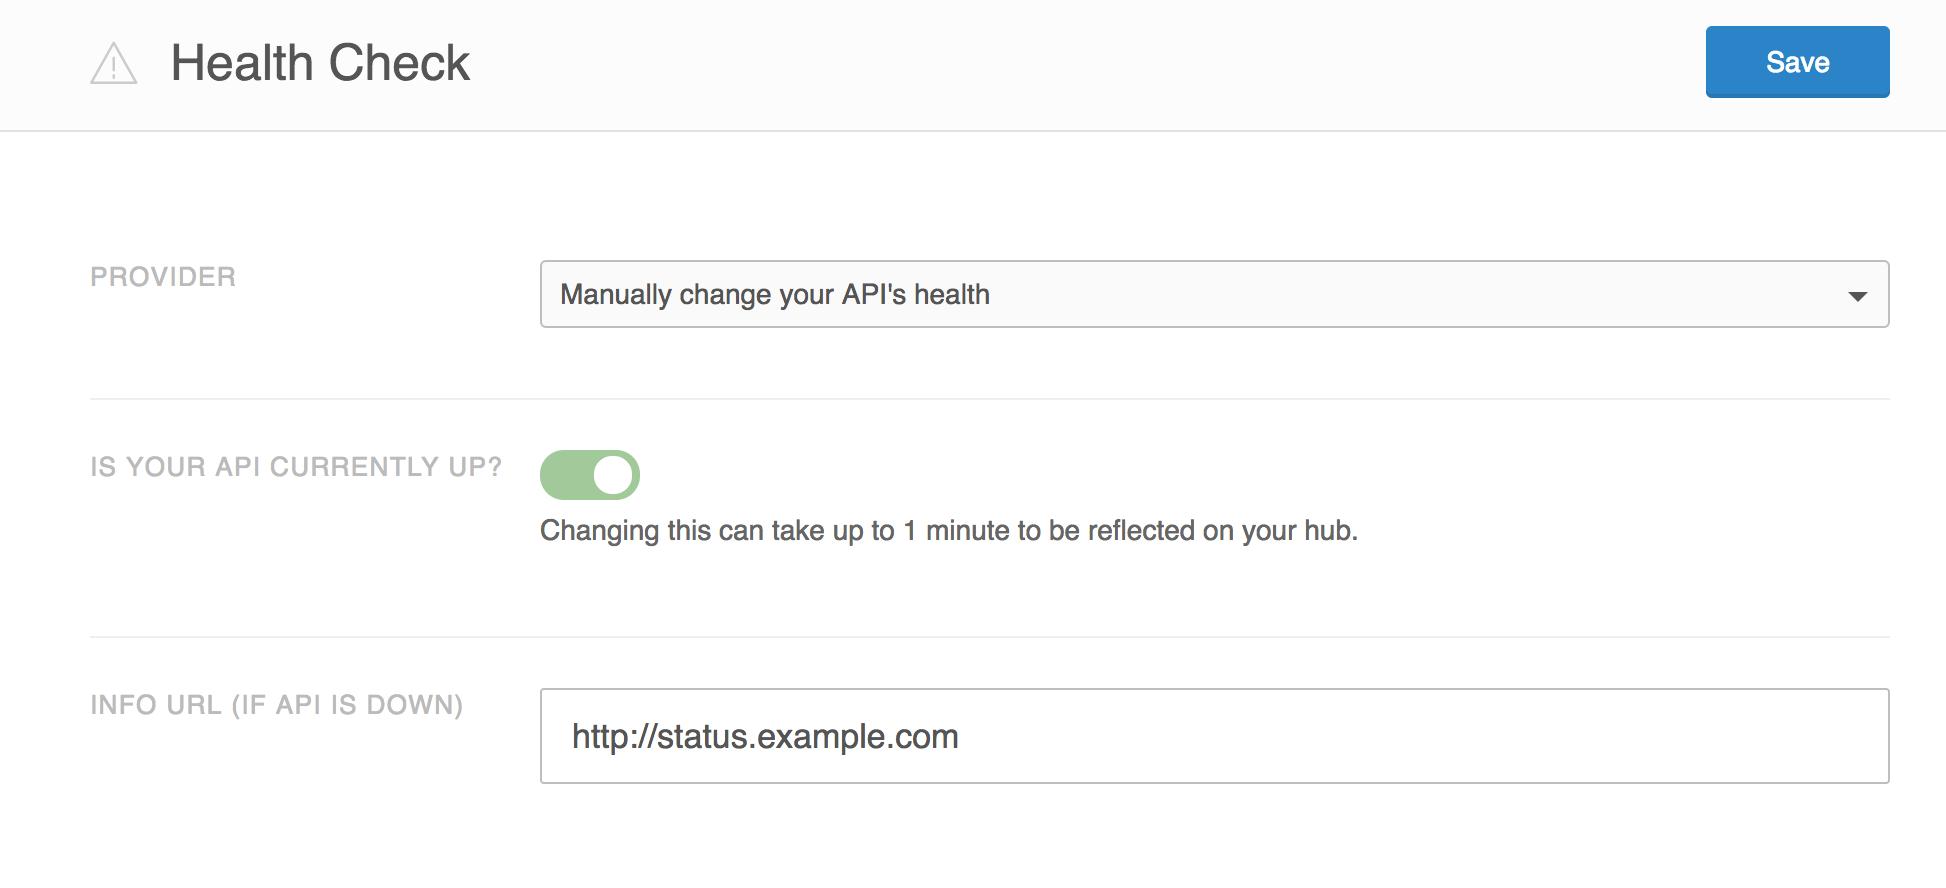 Screenshot showing manual health check provider.